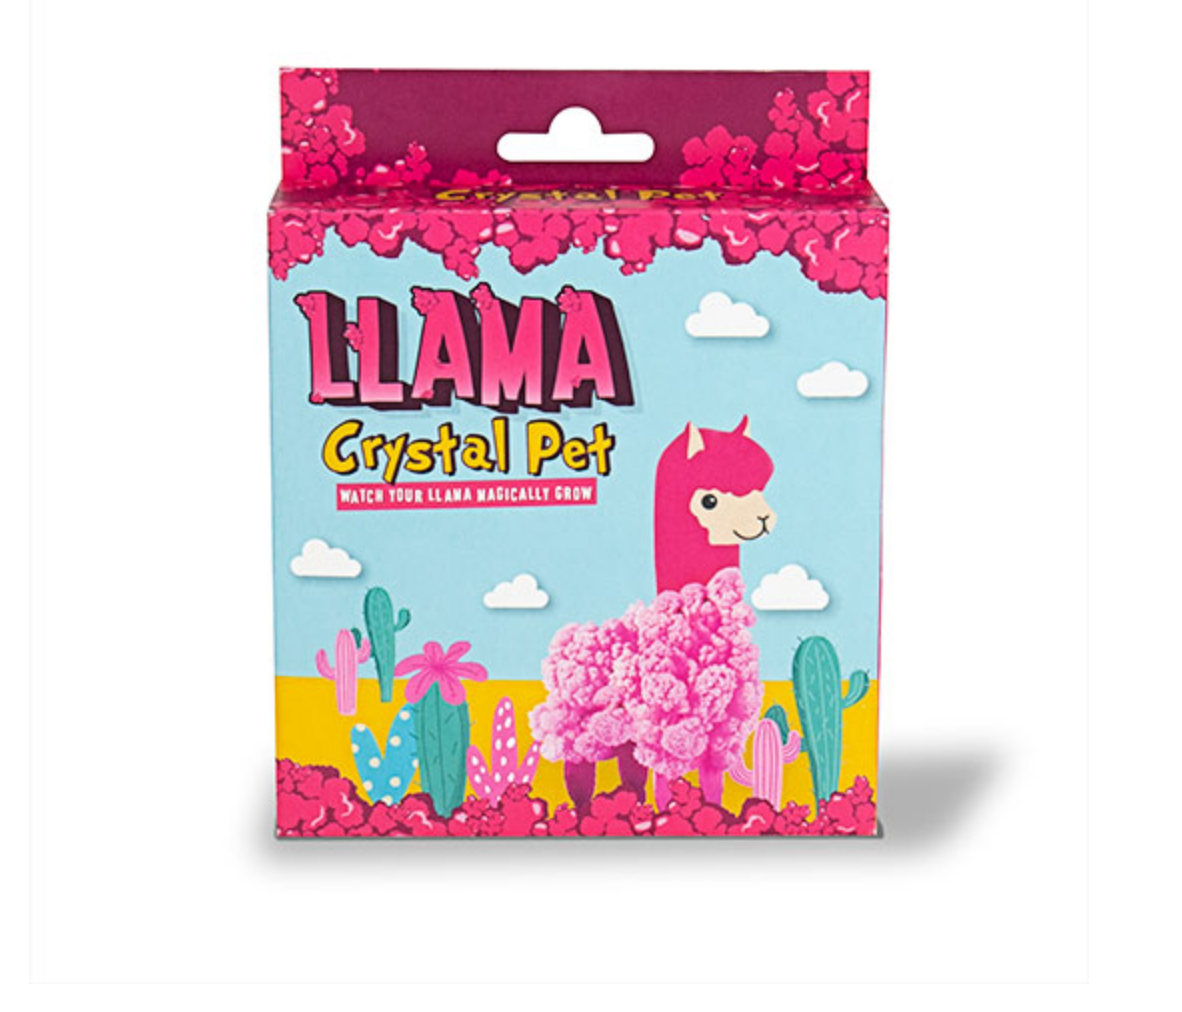 Llama Crystals